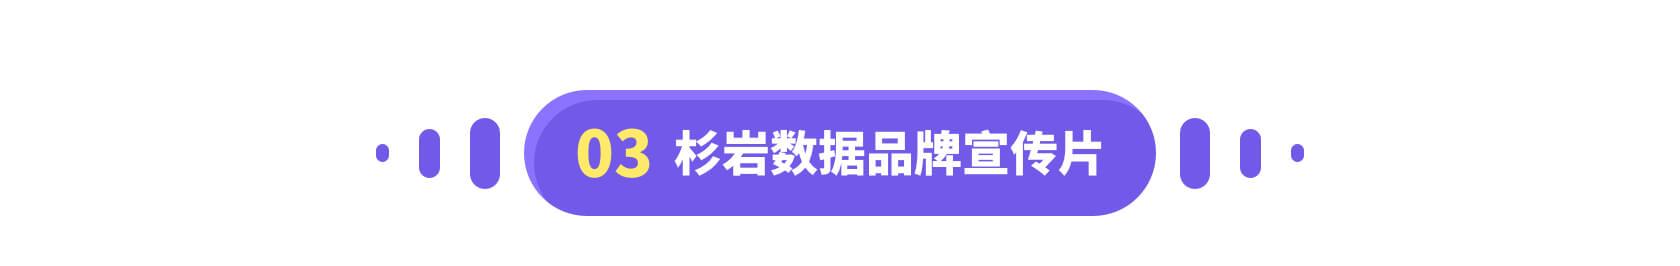 1607932754301.jpg